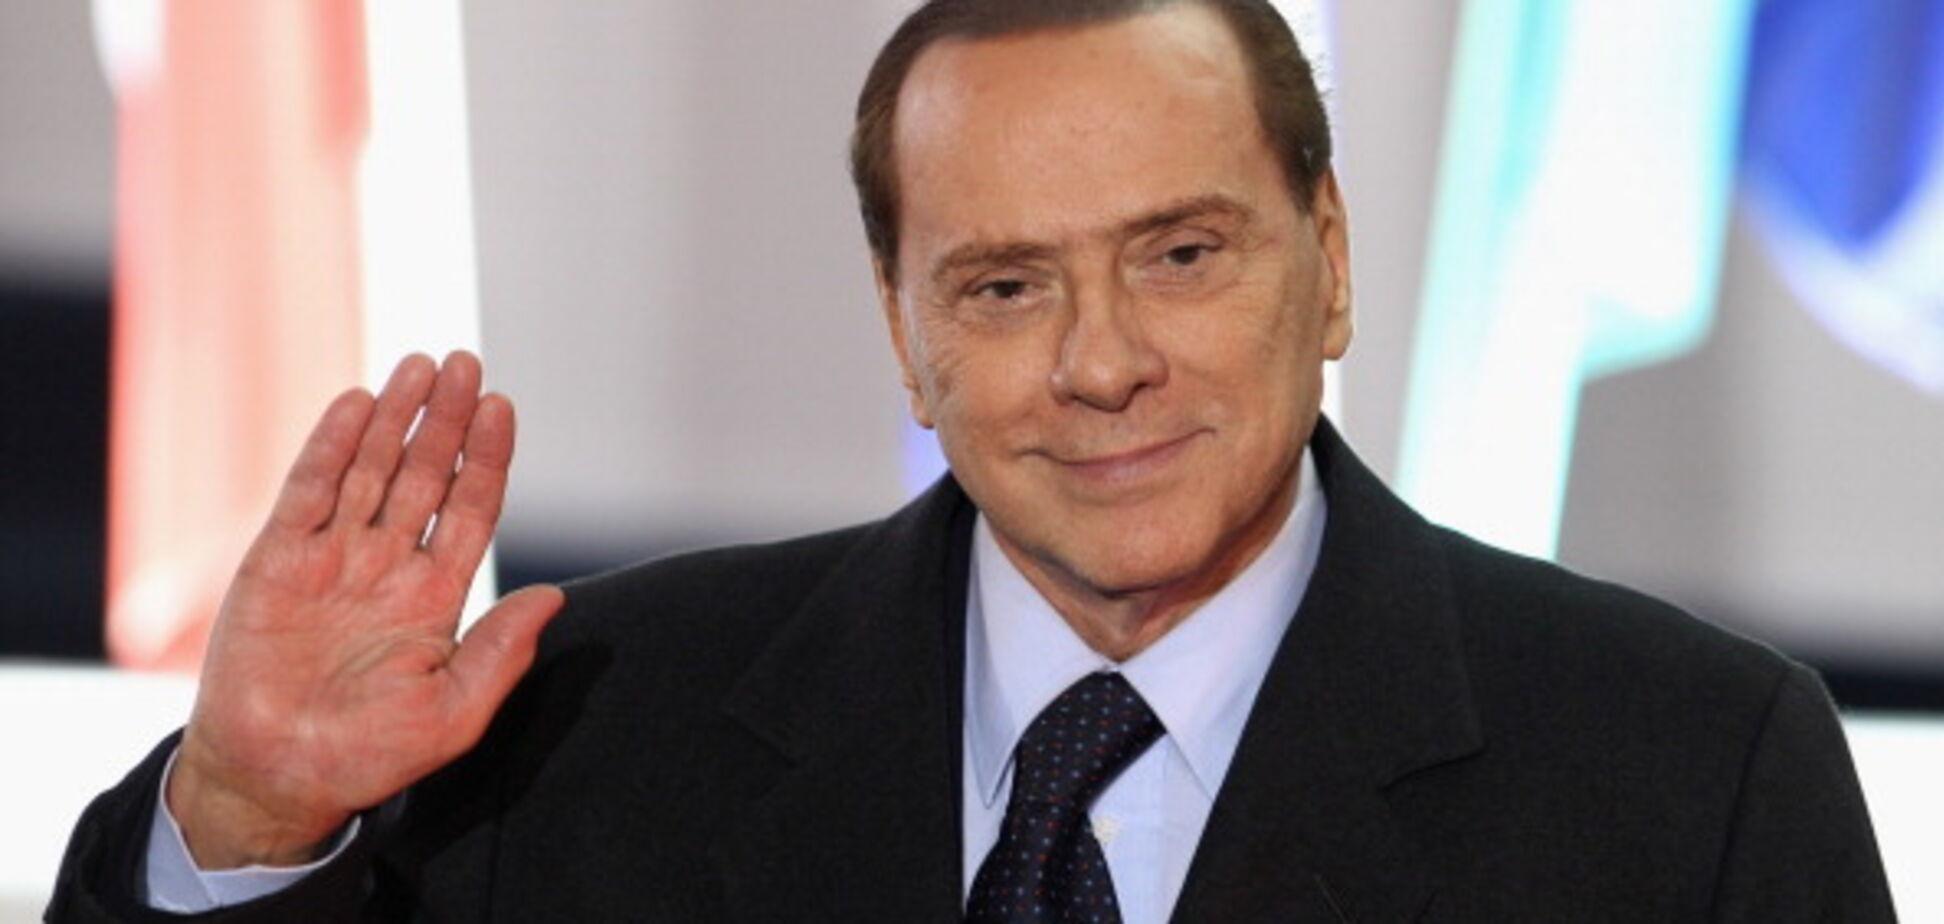 Вслед за Каталонией: Берлускони сделал важное заявление о референдумах в Италии